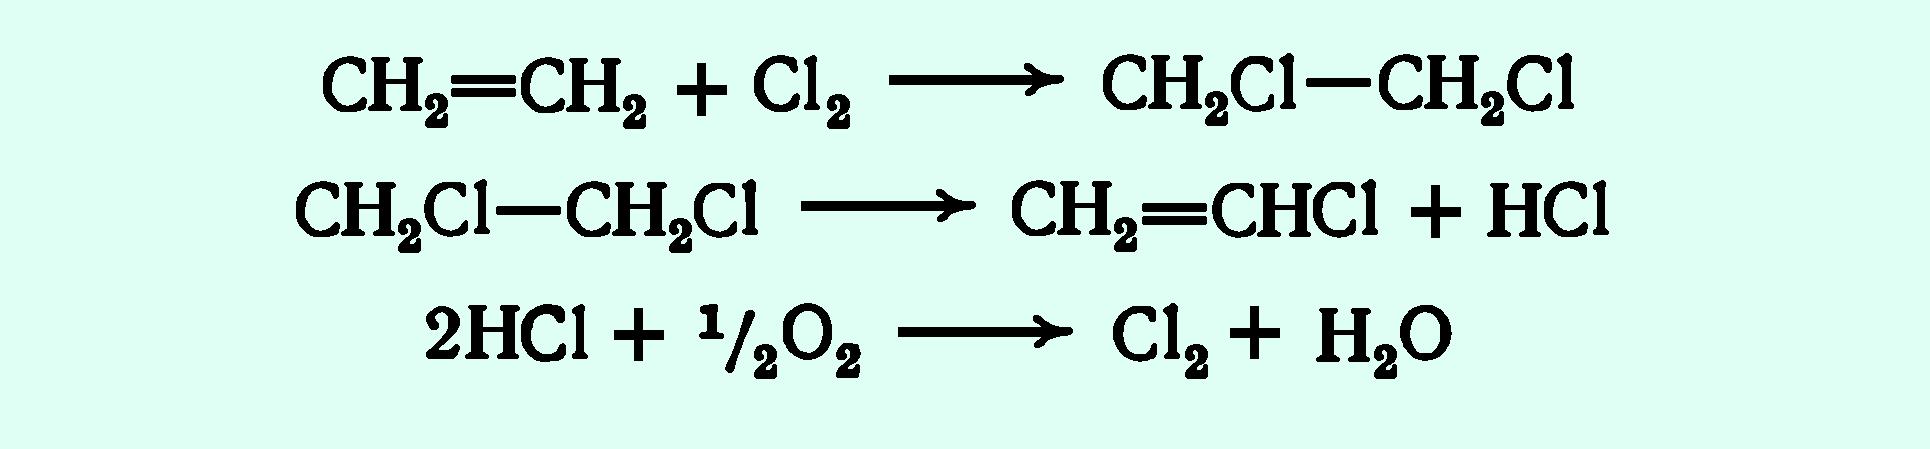 схема реакции получения этилена